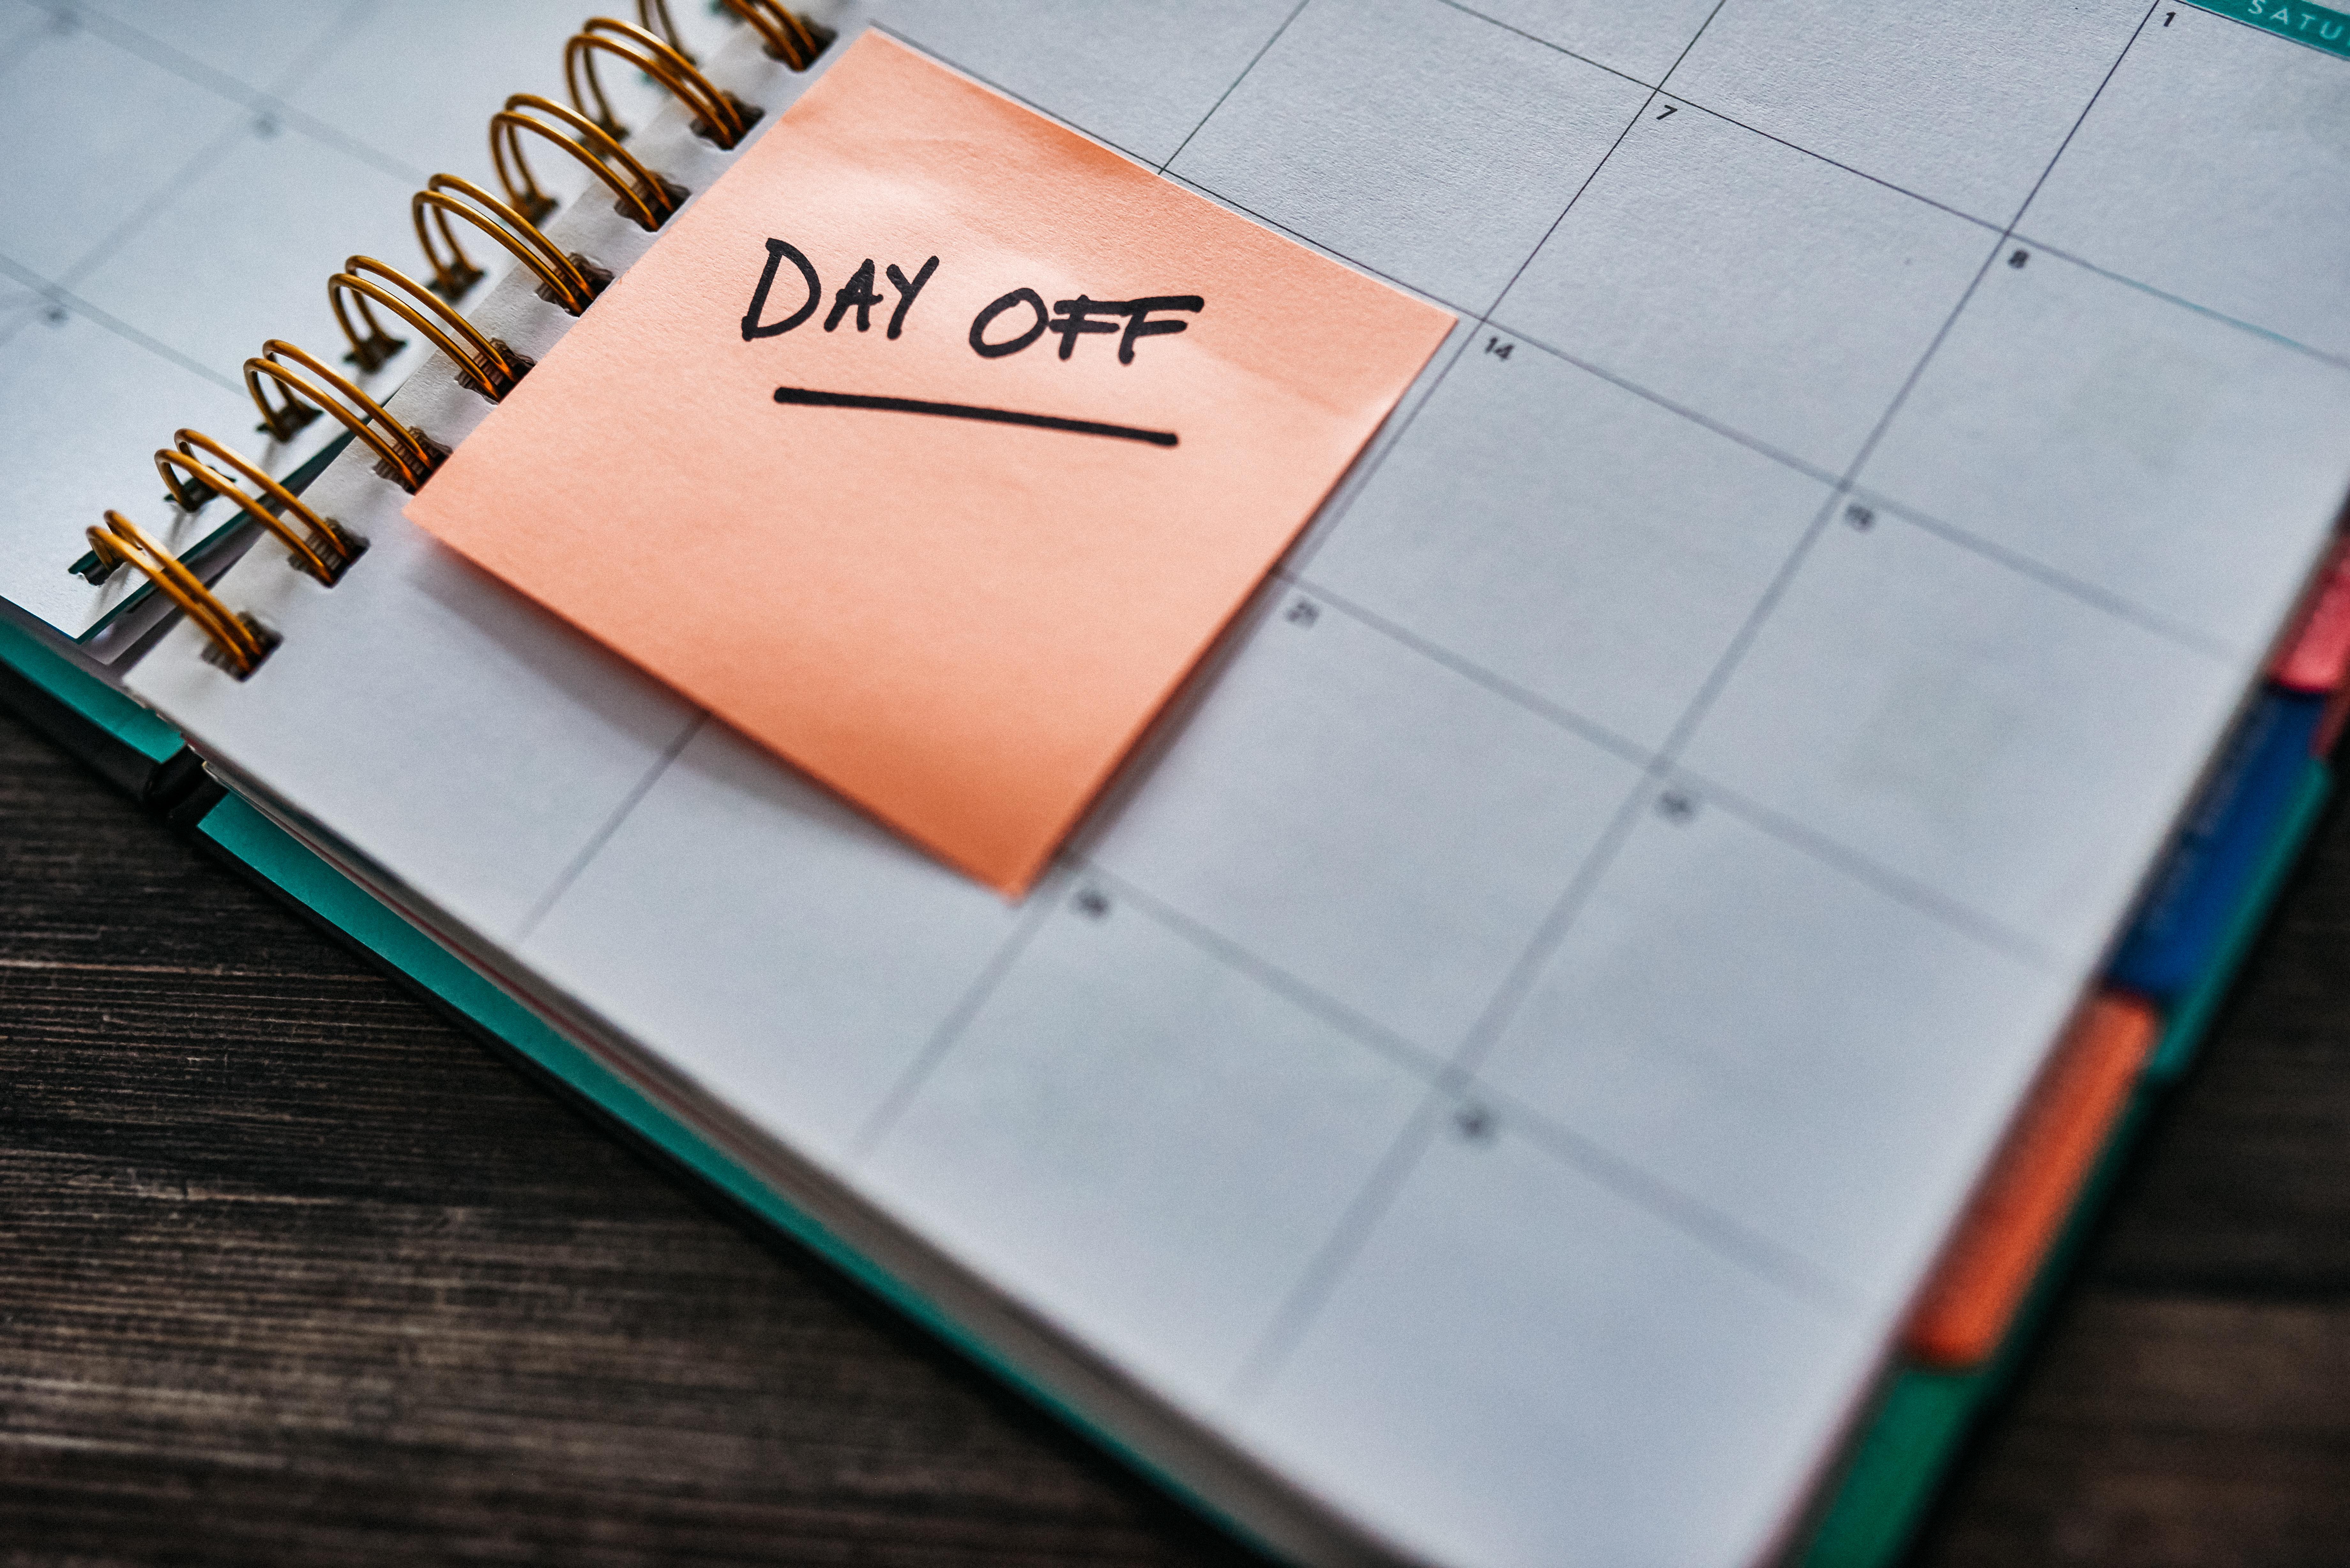 <p>Ваканцията Целогошната работа може да бъде изтощителна. Ето защо хората обичат концепцията за ваканция. И независимо дали става въпрос за двудневно бягство сред природата или двуседмична ваканция до Бали, вие сте си заслужили това свободно време. Подобна почивка дори би се отразила добре и на продуктивността ви след това. Затова не се страхувайте да попитате вашия шеф за отпуската, от която имате нужда.</p>